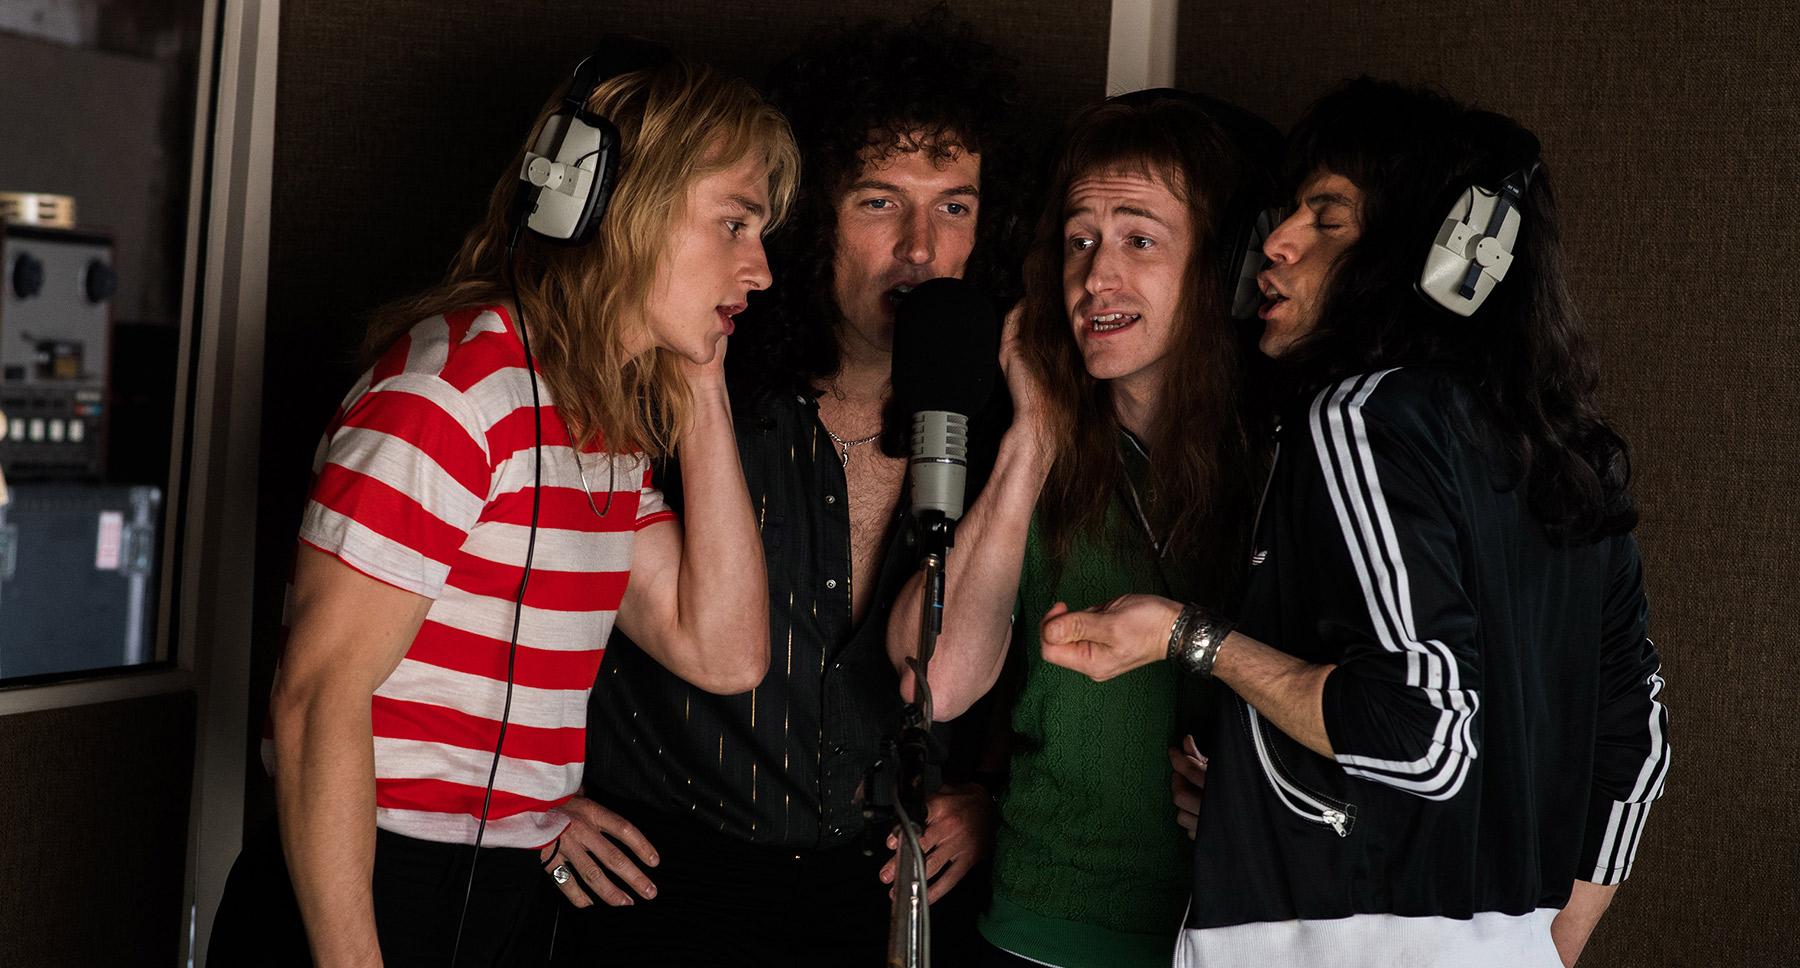 La banda, Queen, en la ficción